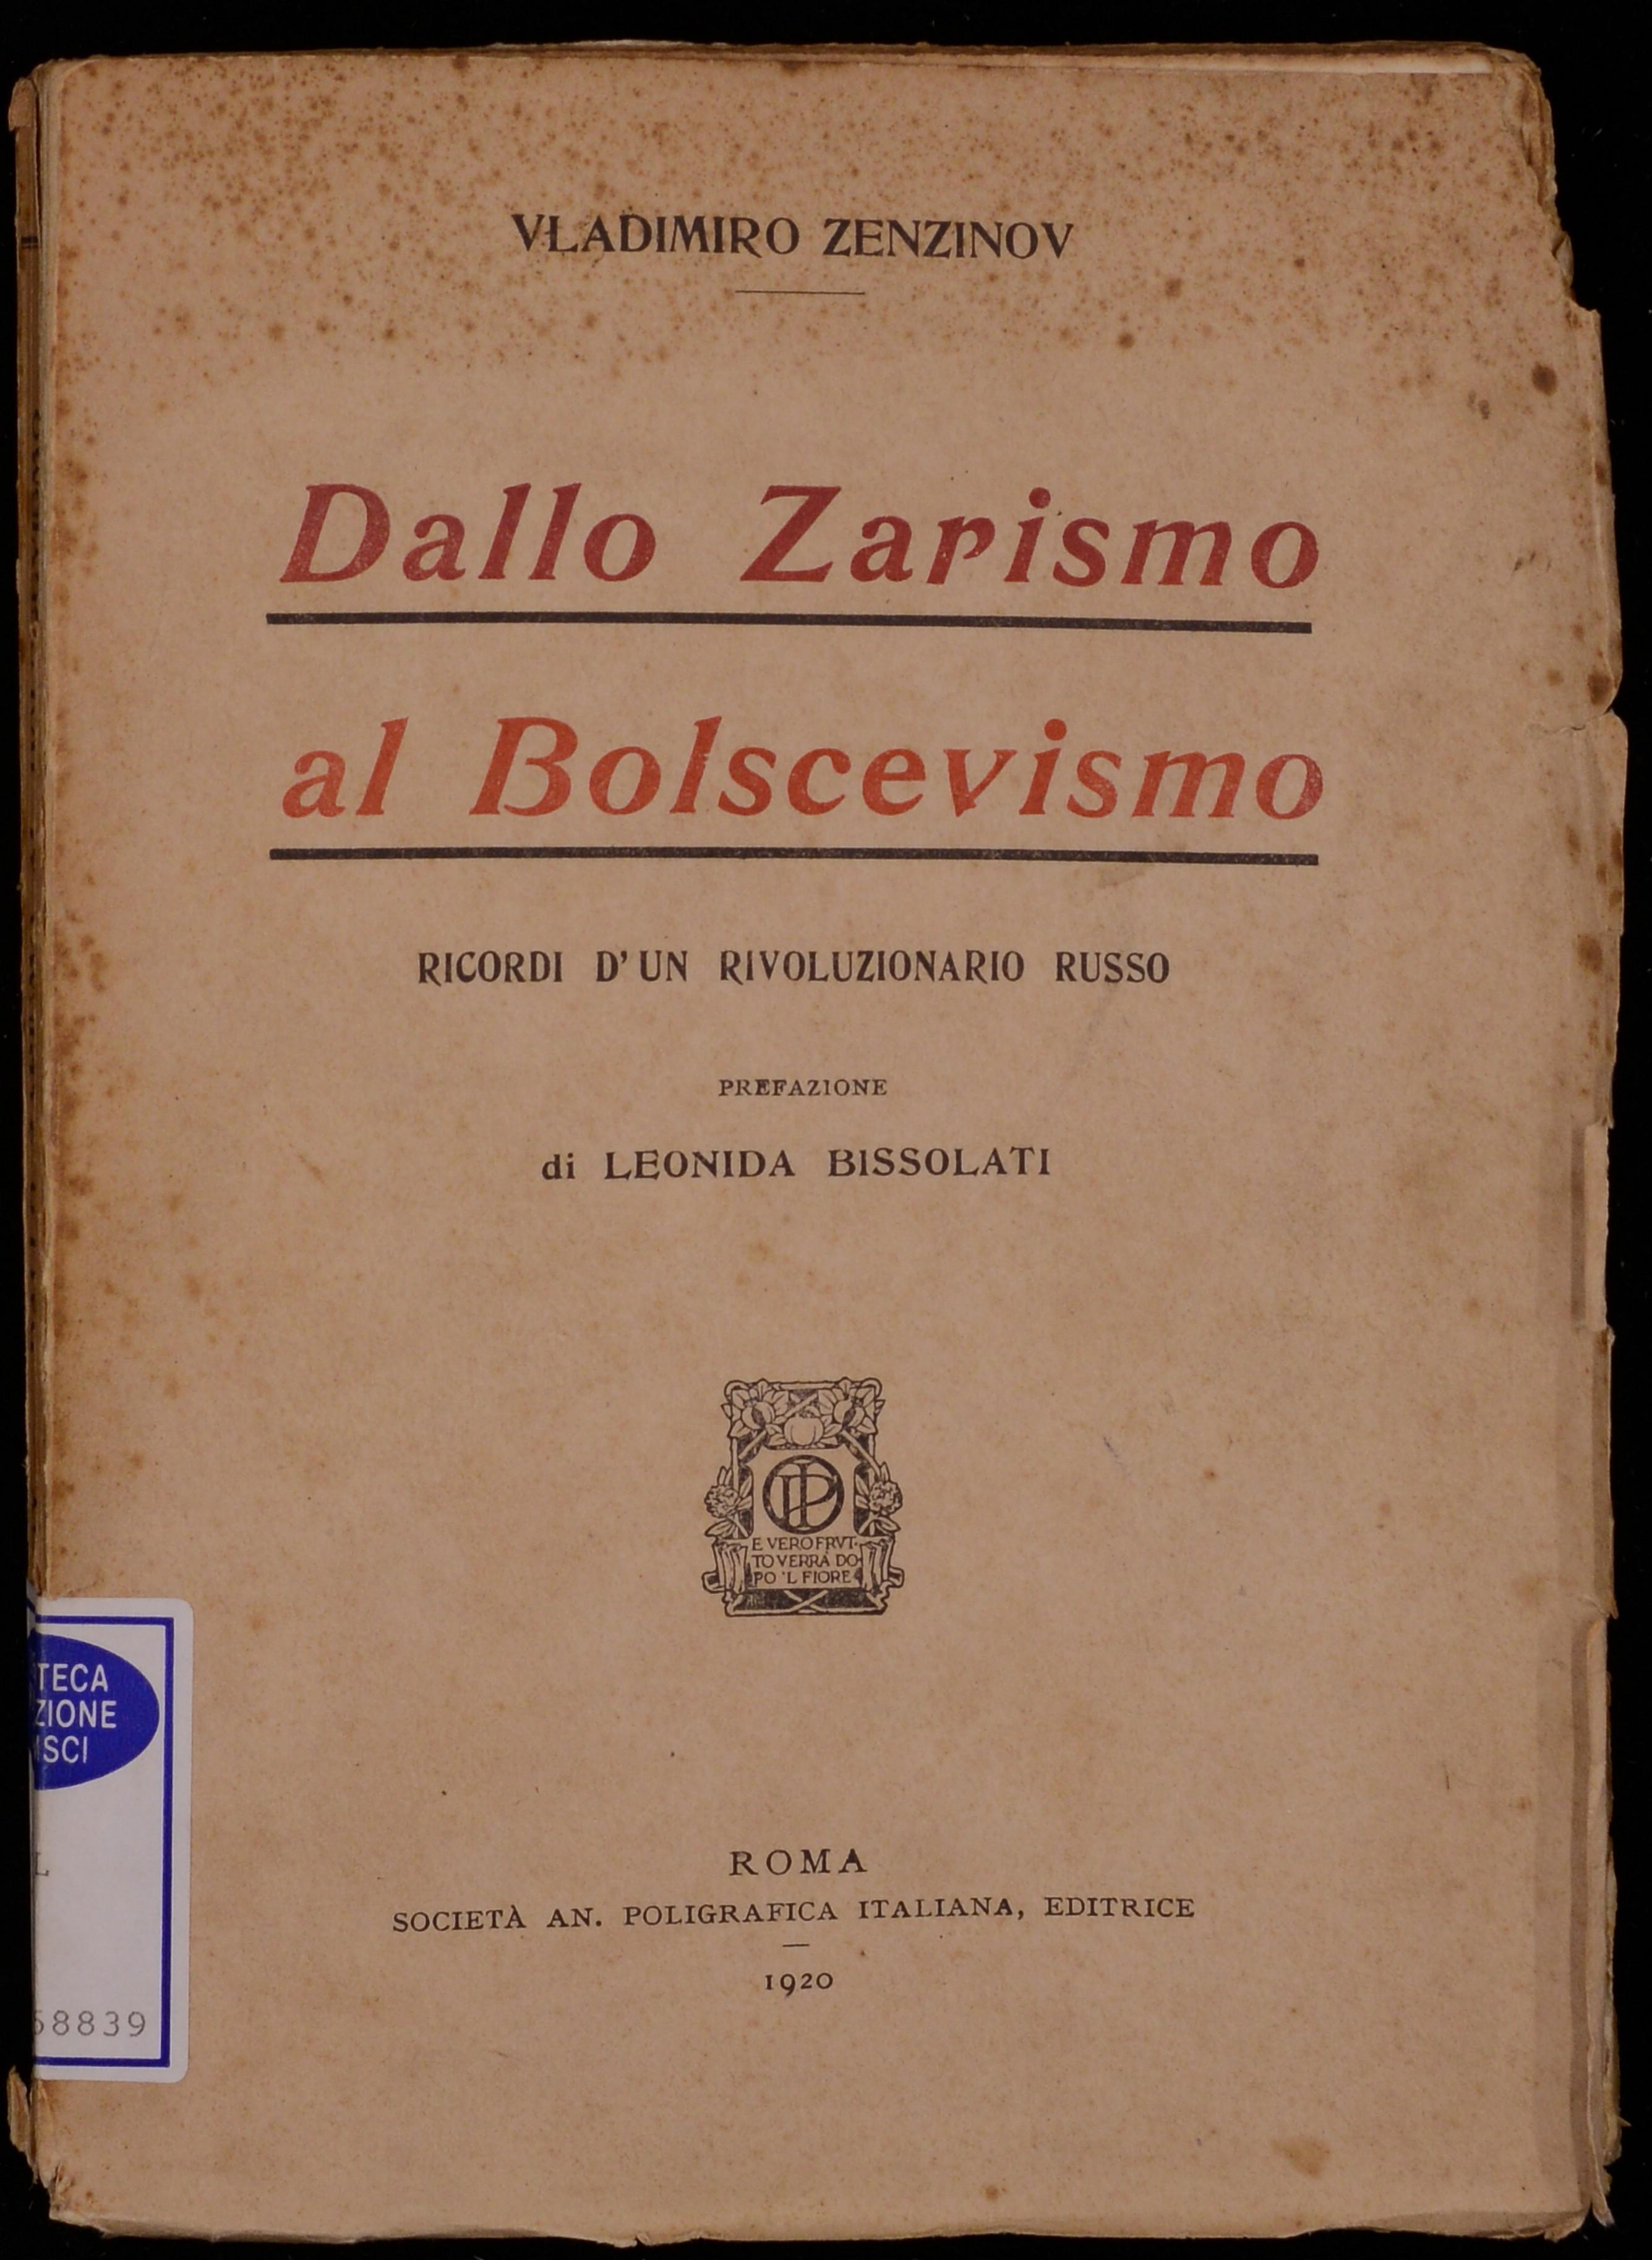 Dallo zarismo al bolscevismo